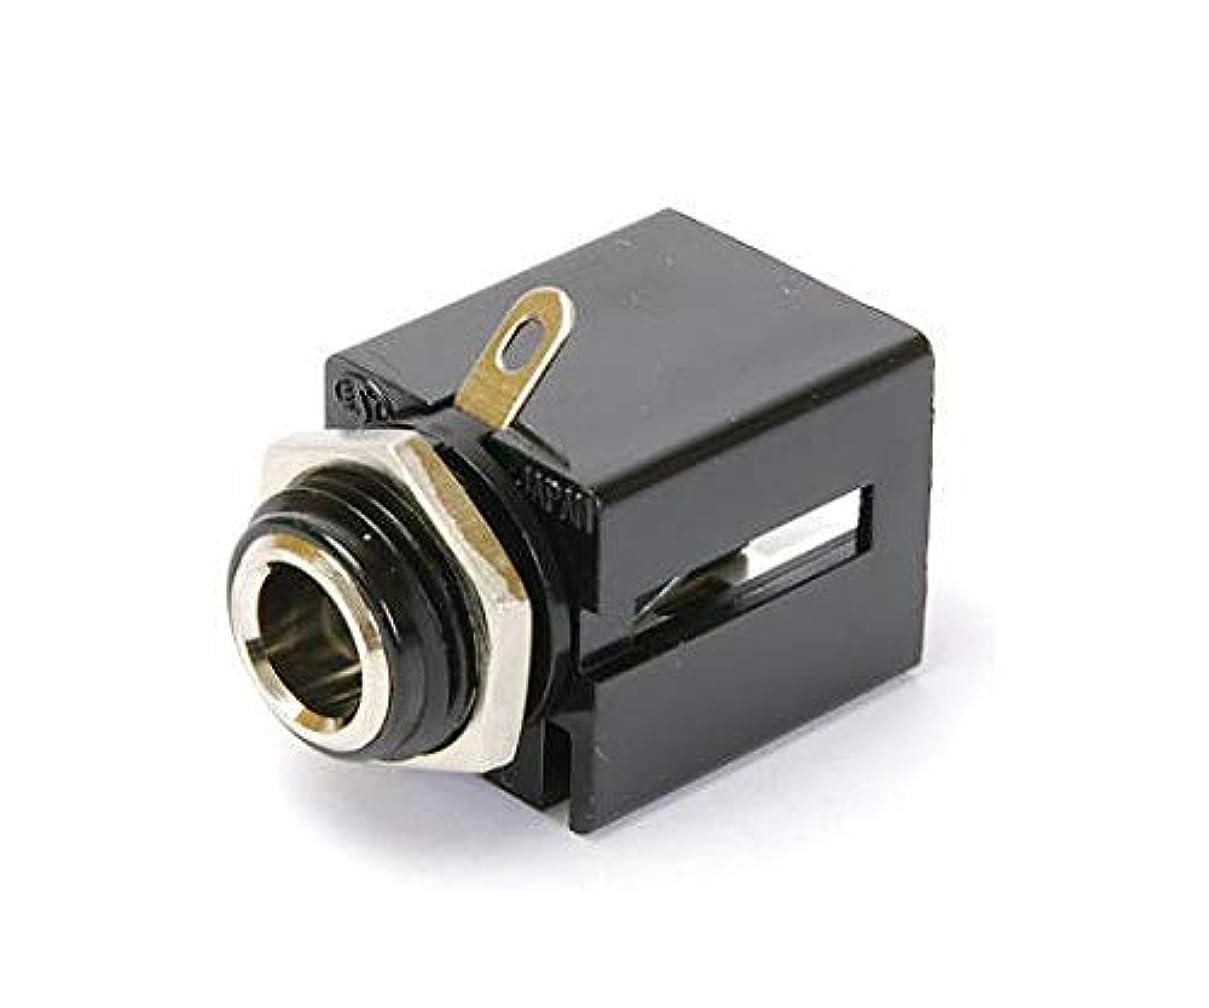 ブリーク床銛マル信無線電機 6.3mmモノラルボックスジャック(パネル絶縁タイプ) MJ-185LP